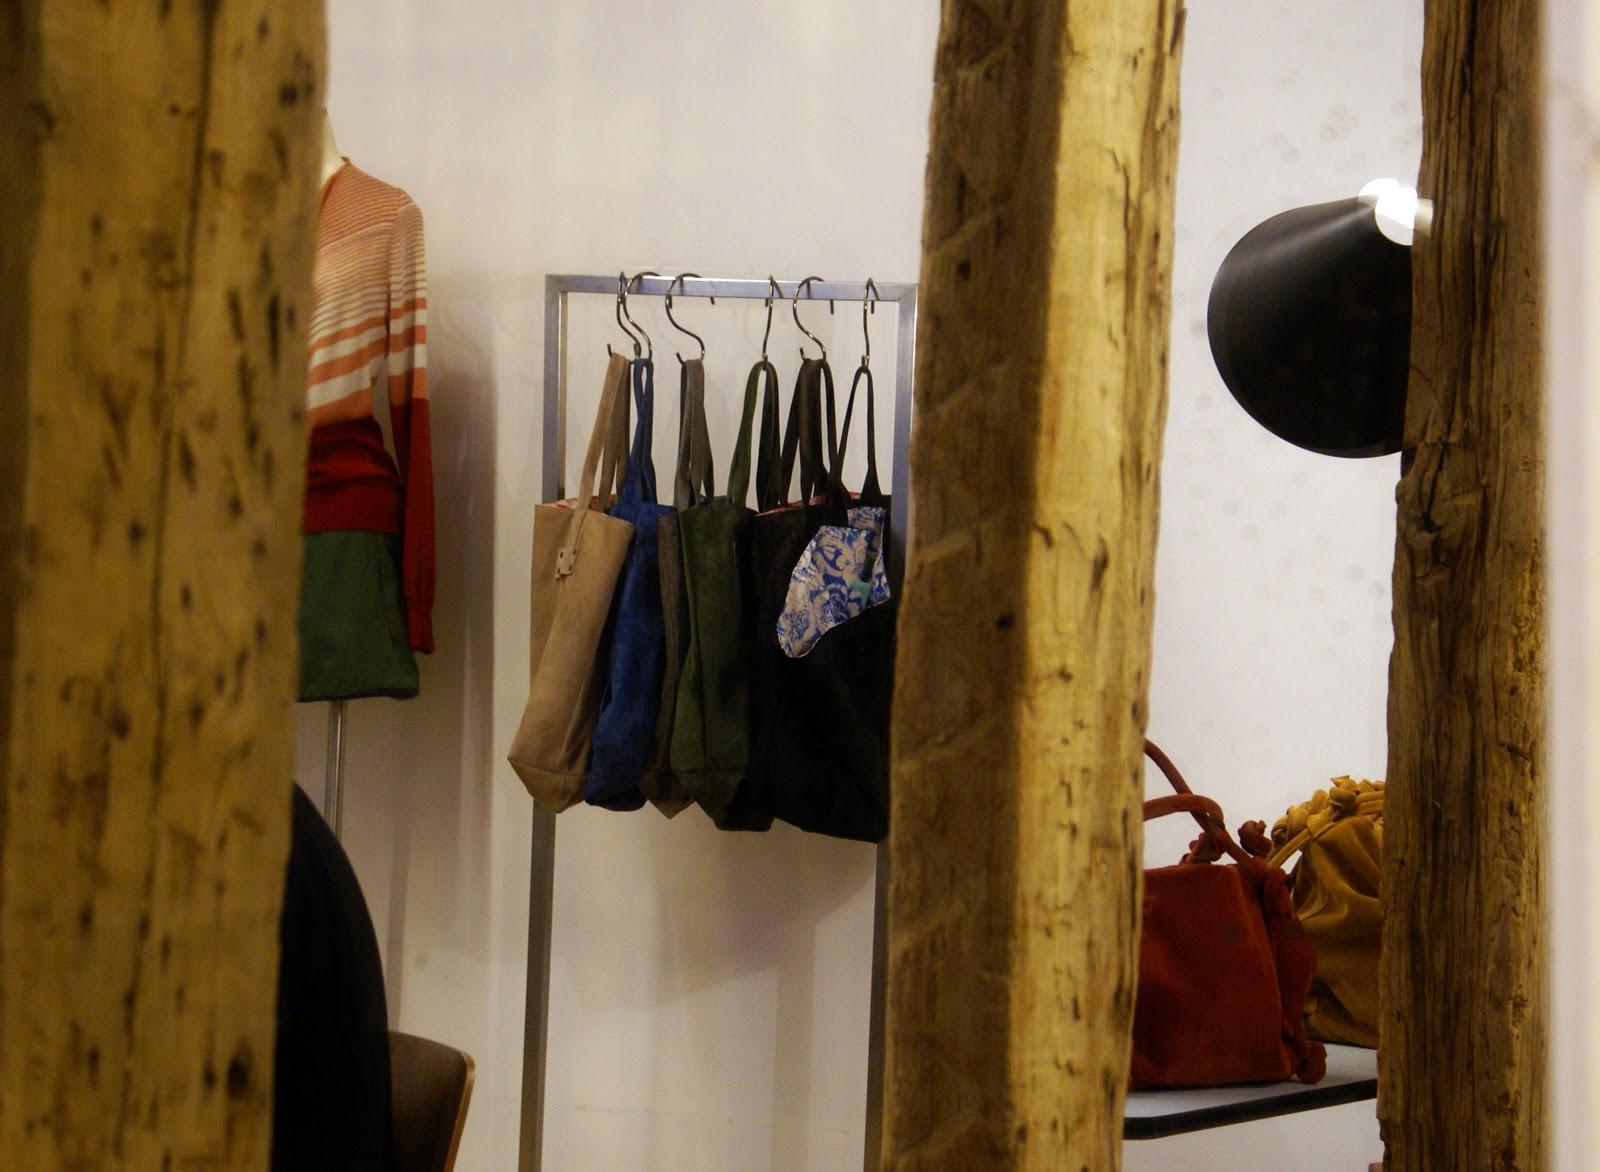 Les garçons aux foulards  septembre 2011 d6307bfb3f91